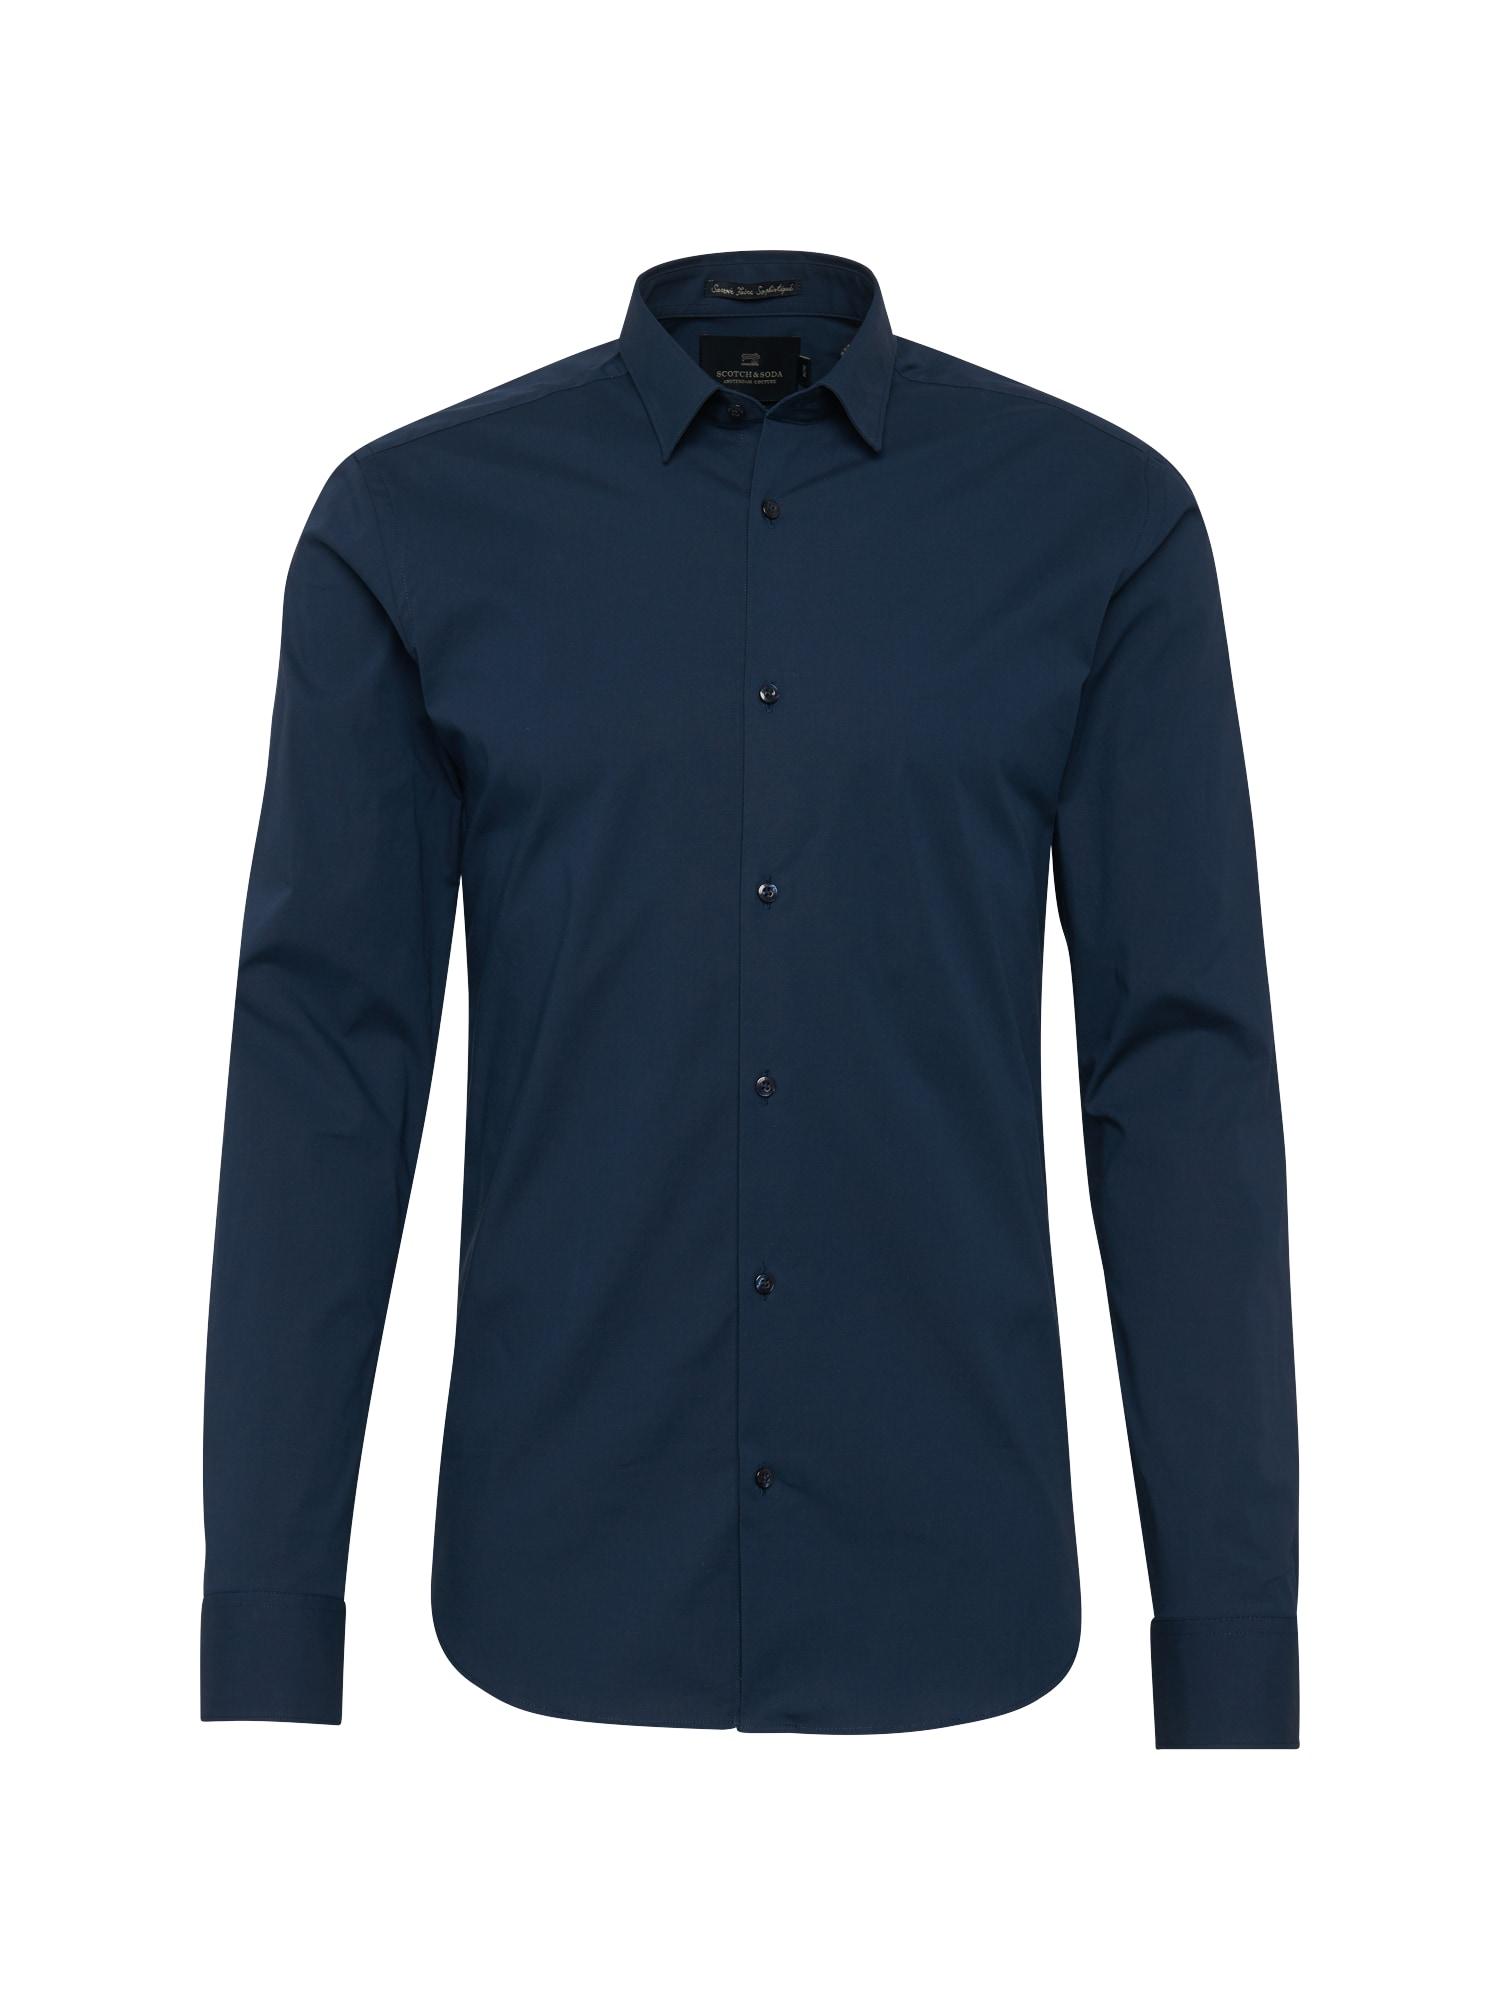 Společenská košile NOS - Classic longsleeve shirt in crispy cottonlycra qualit tmavě modrá SCOTCH & SODA